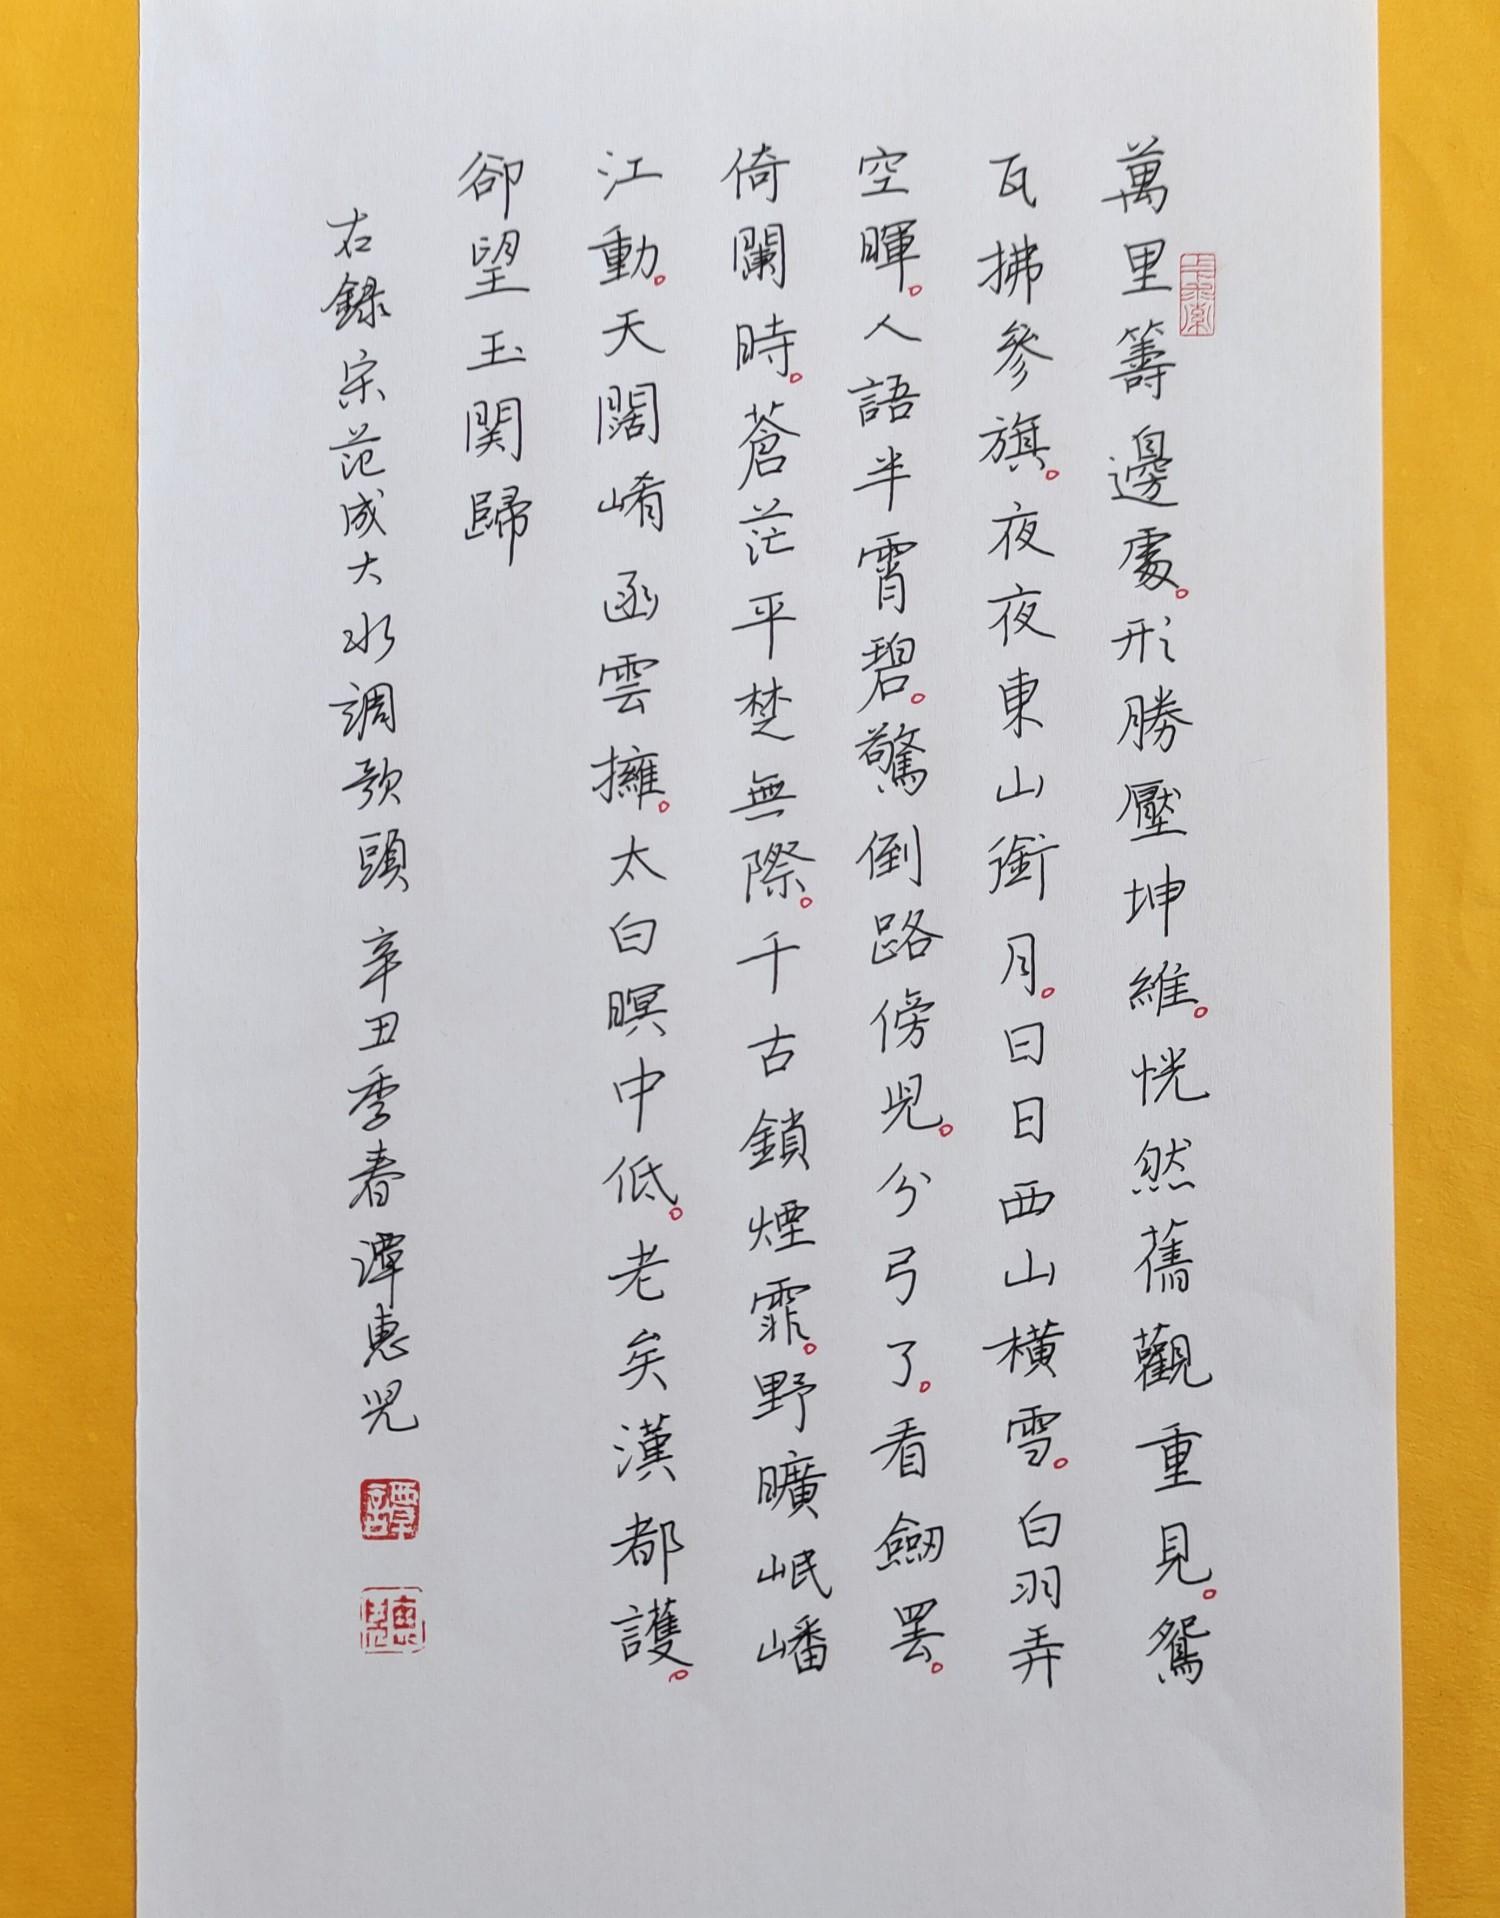 钢笔爱好者练字打卡20210413-17